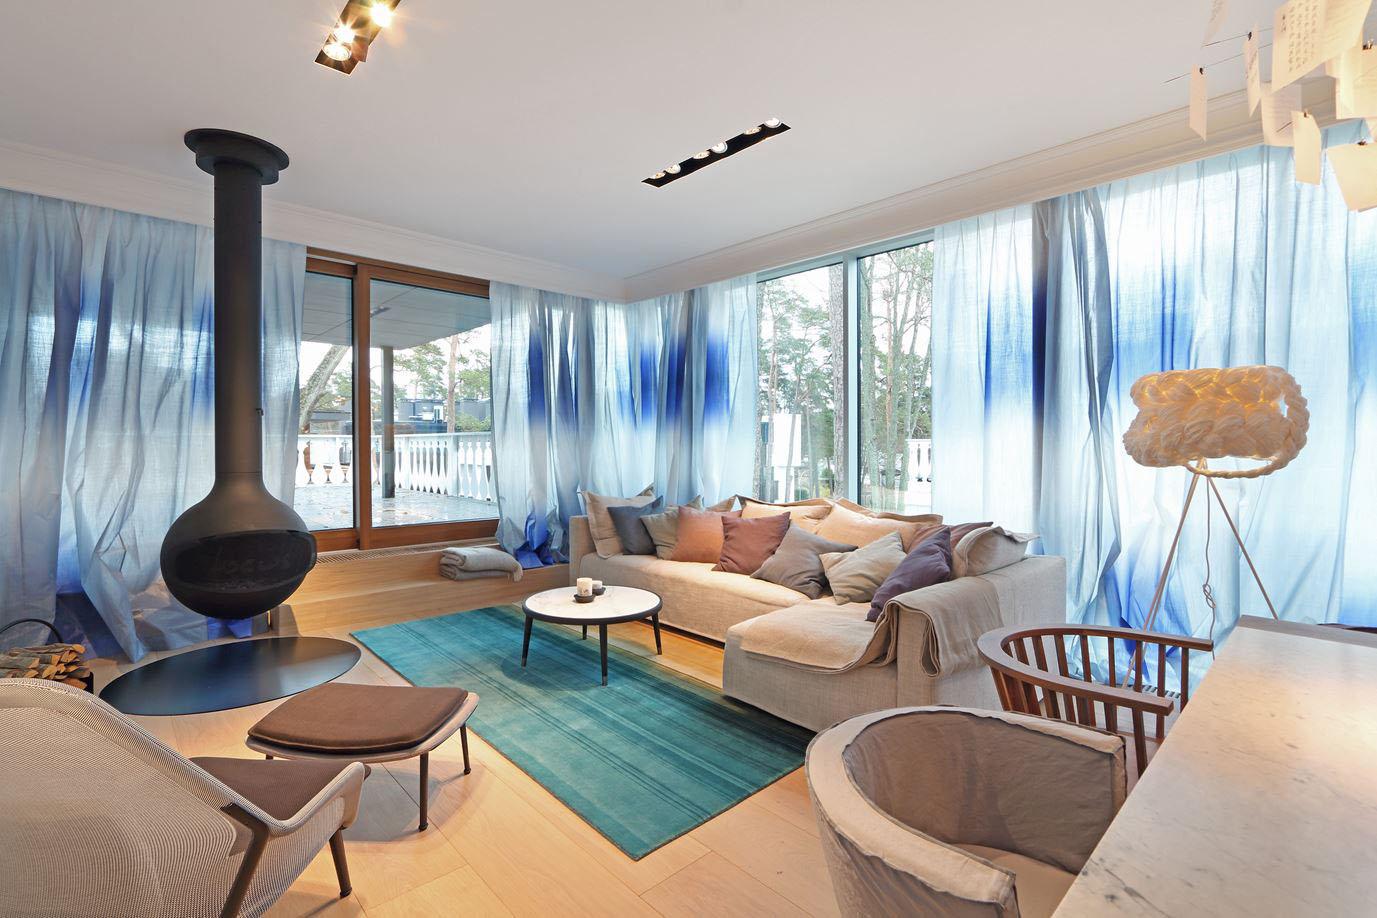 Design Apartments Riga Decor Apartments  Idesignarch  Interior Design Architecture .